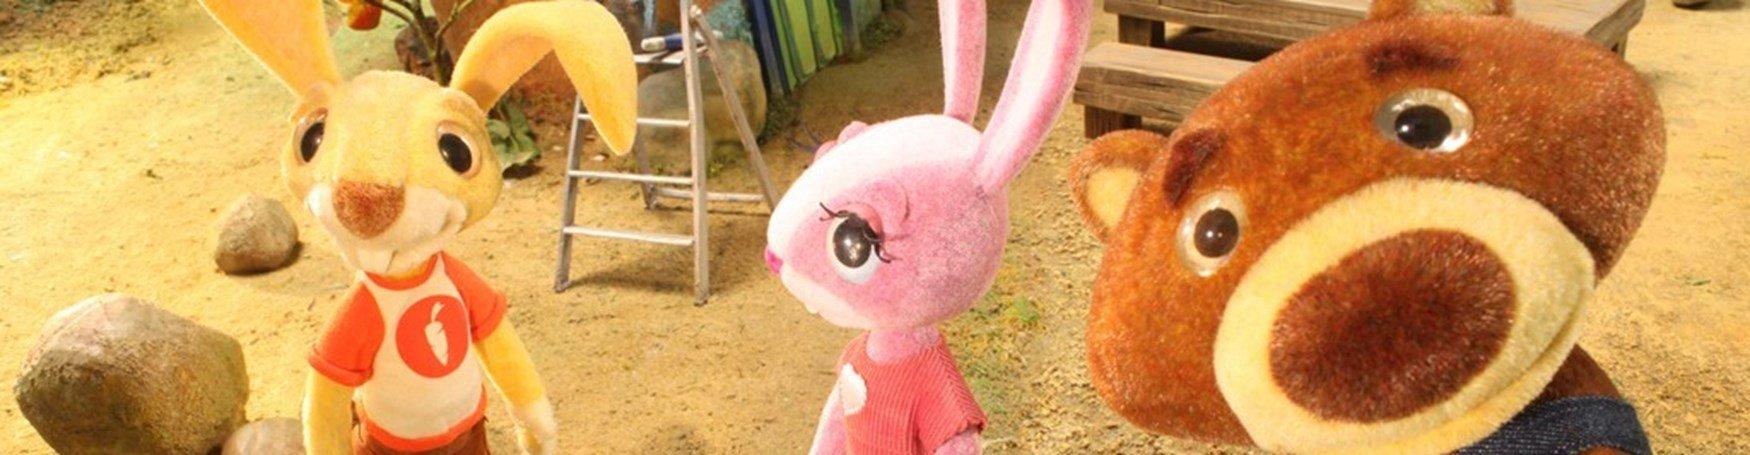 Przyjaźń w małym kinie: Pokaz animacji dla dzieci